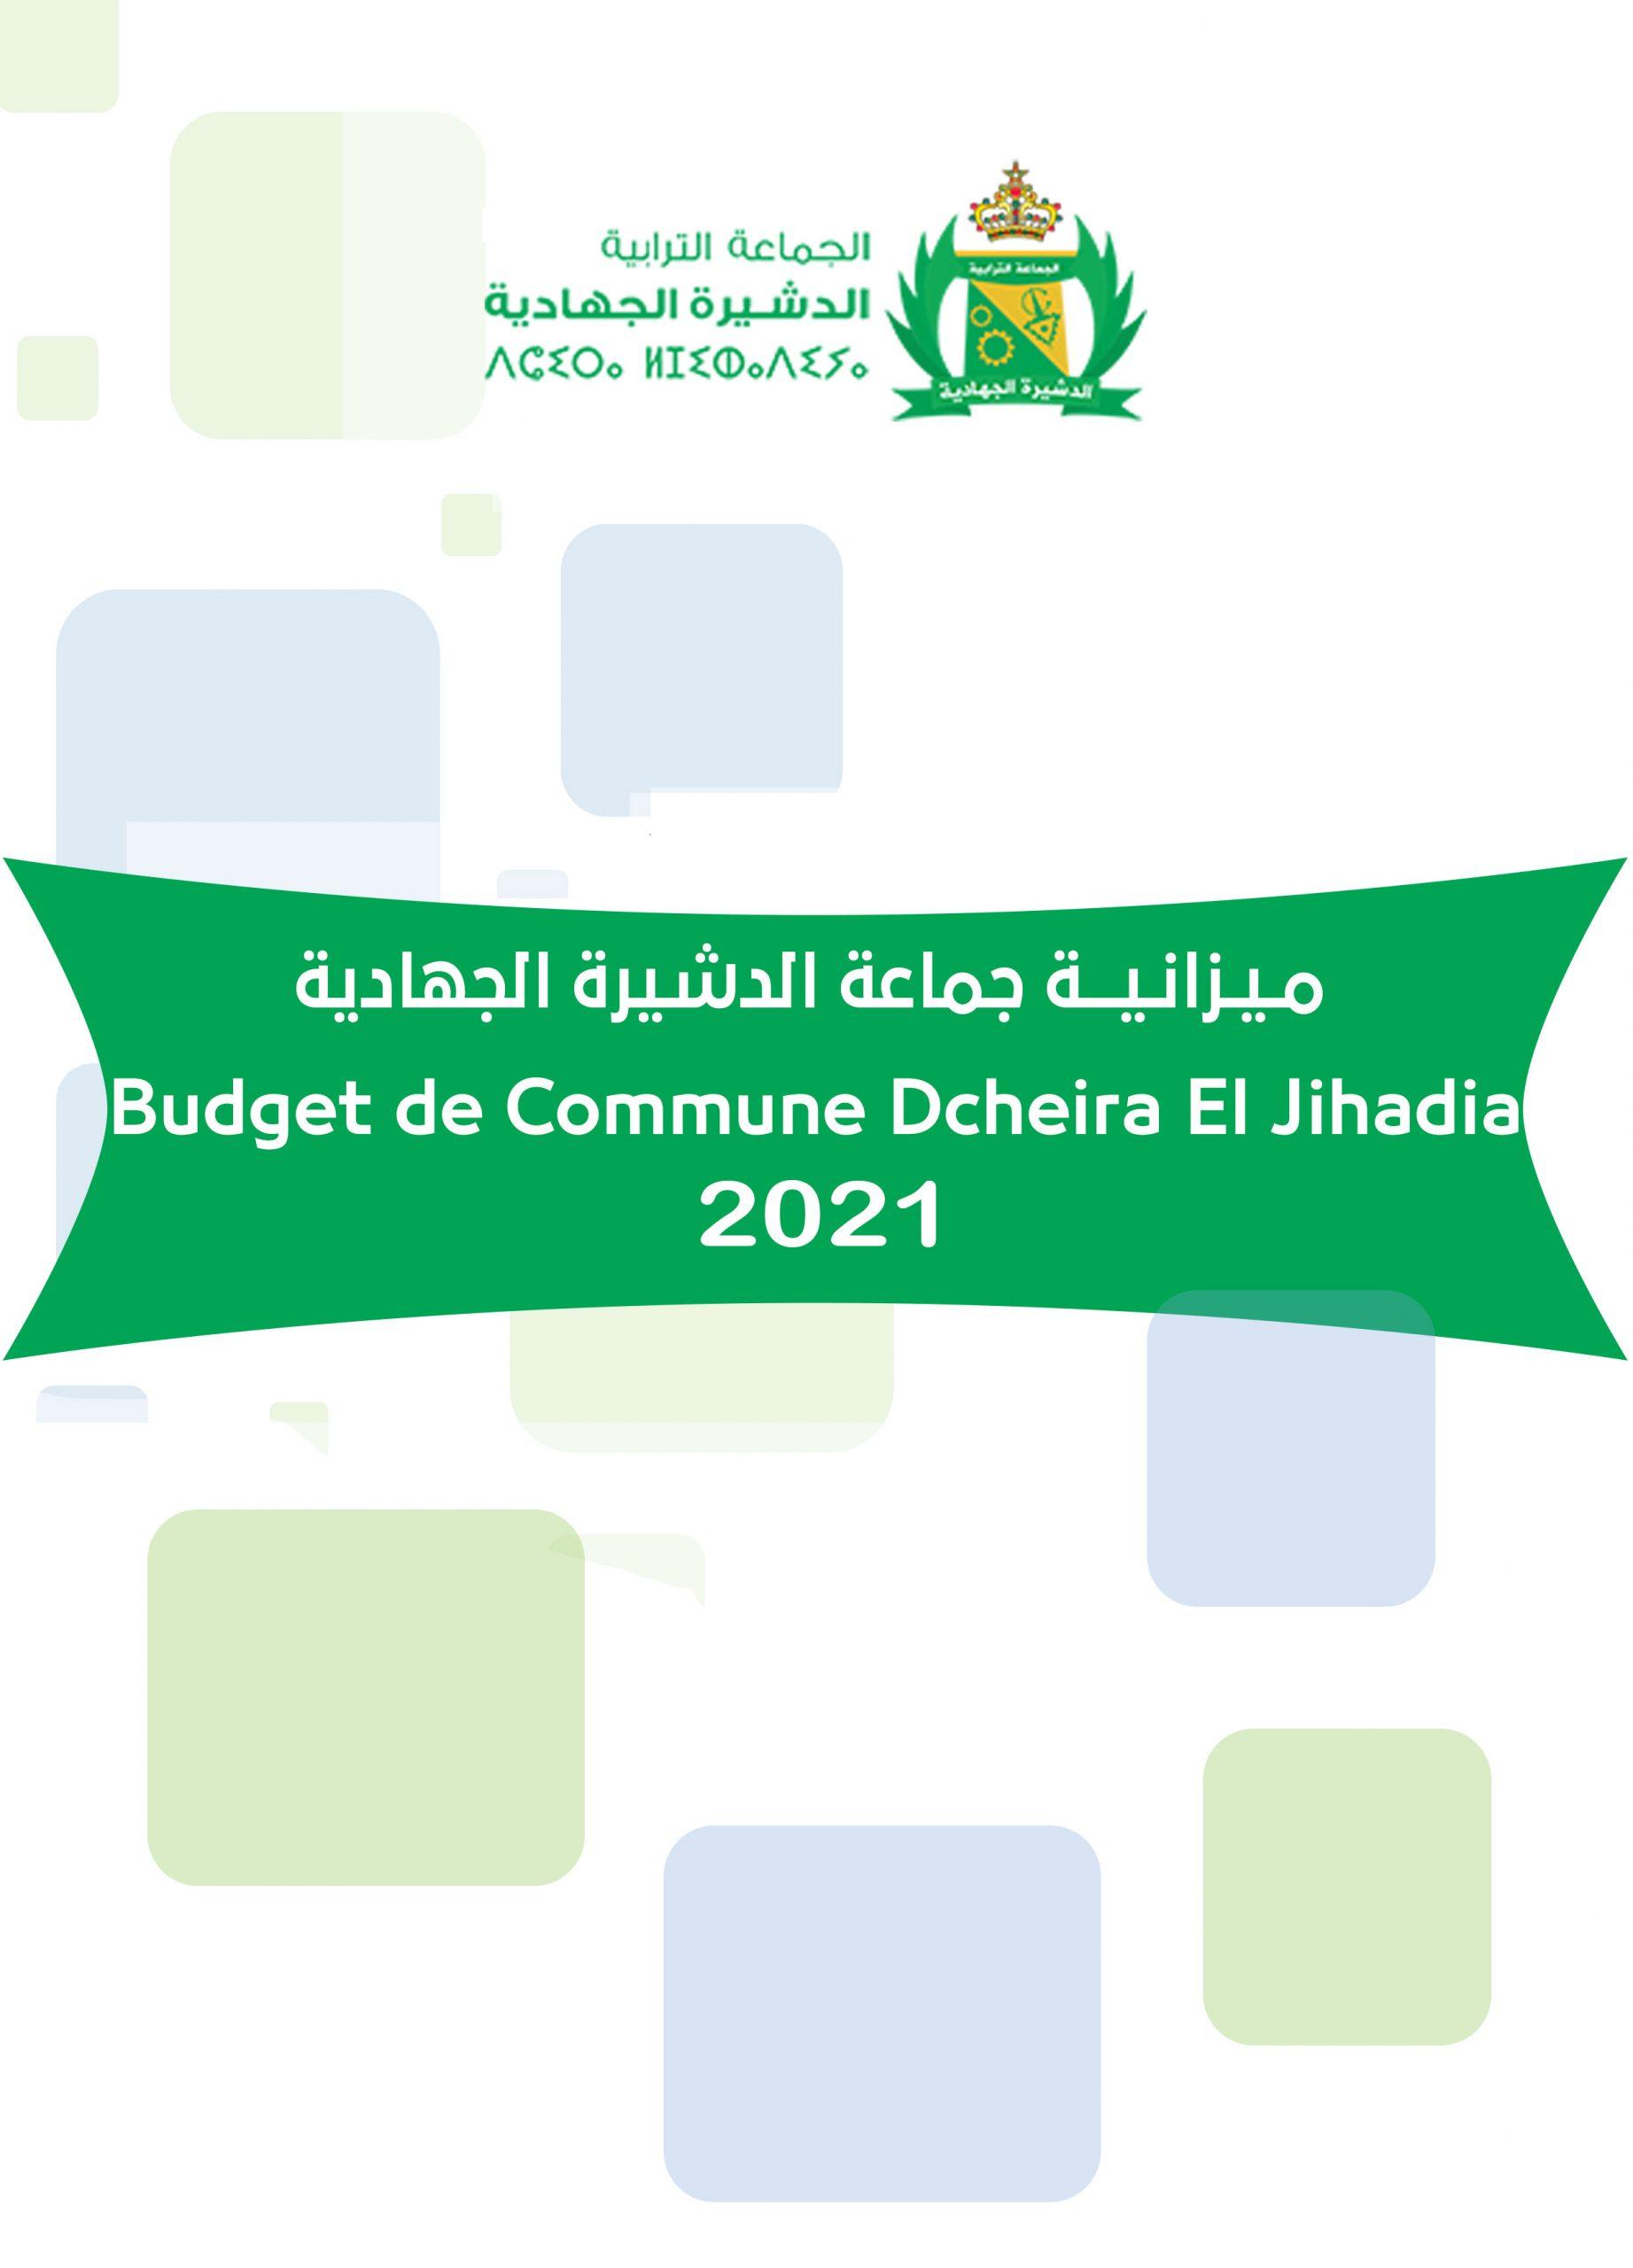 Budget de Commune Dcheira El Jihadia